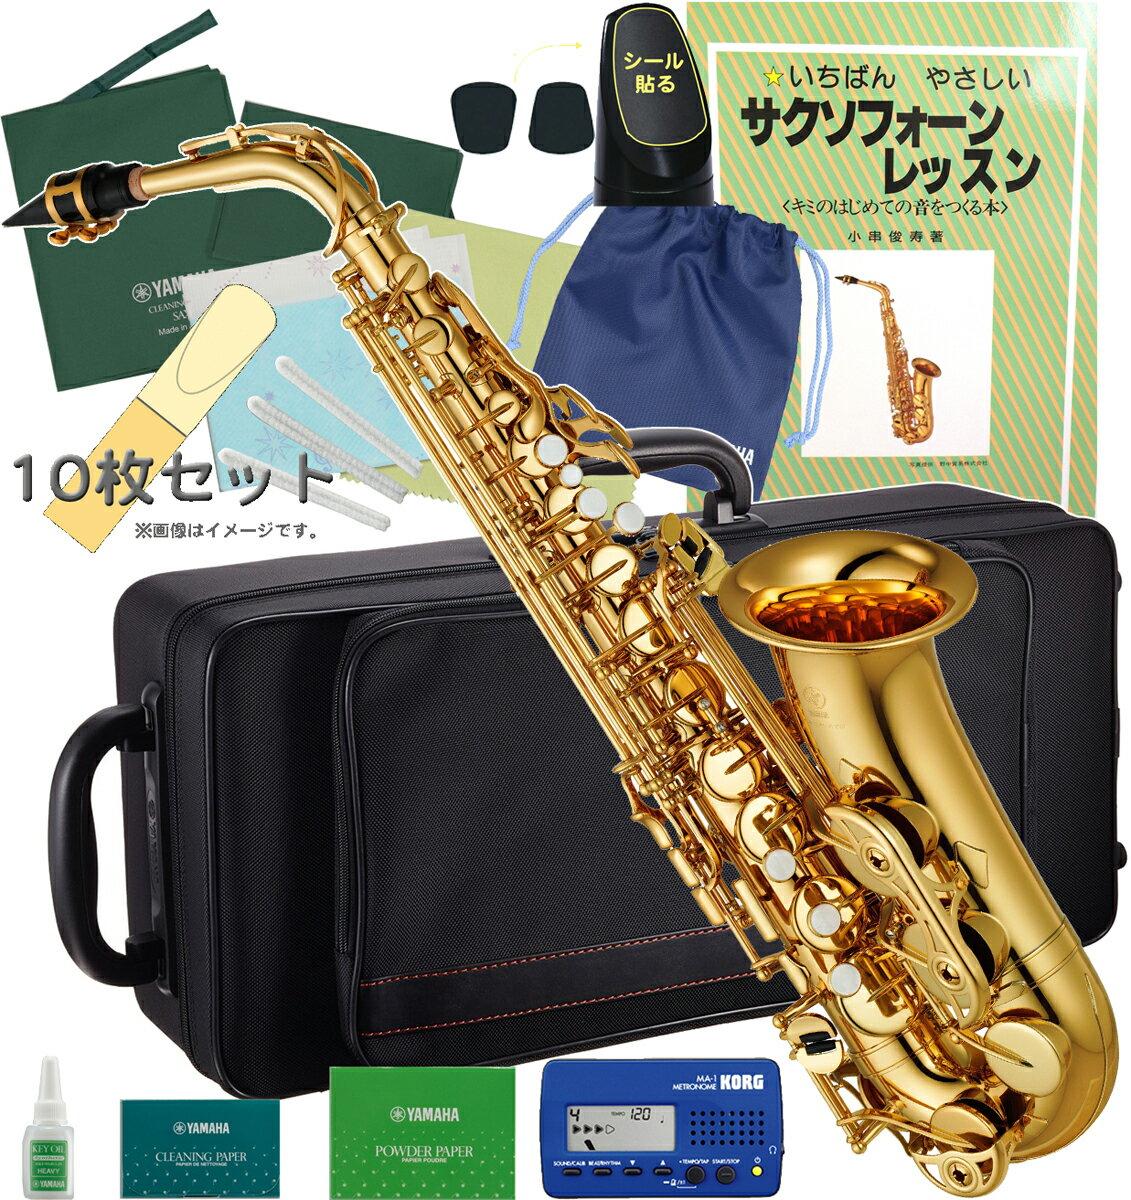 日本製分セットラスト1本YAMAHA(ヤマハ)YAS-380アルトサックス新品管楽器サックス管体ゴー